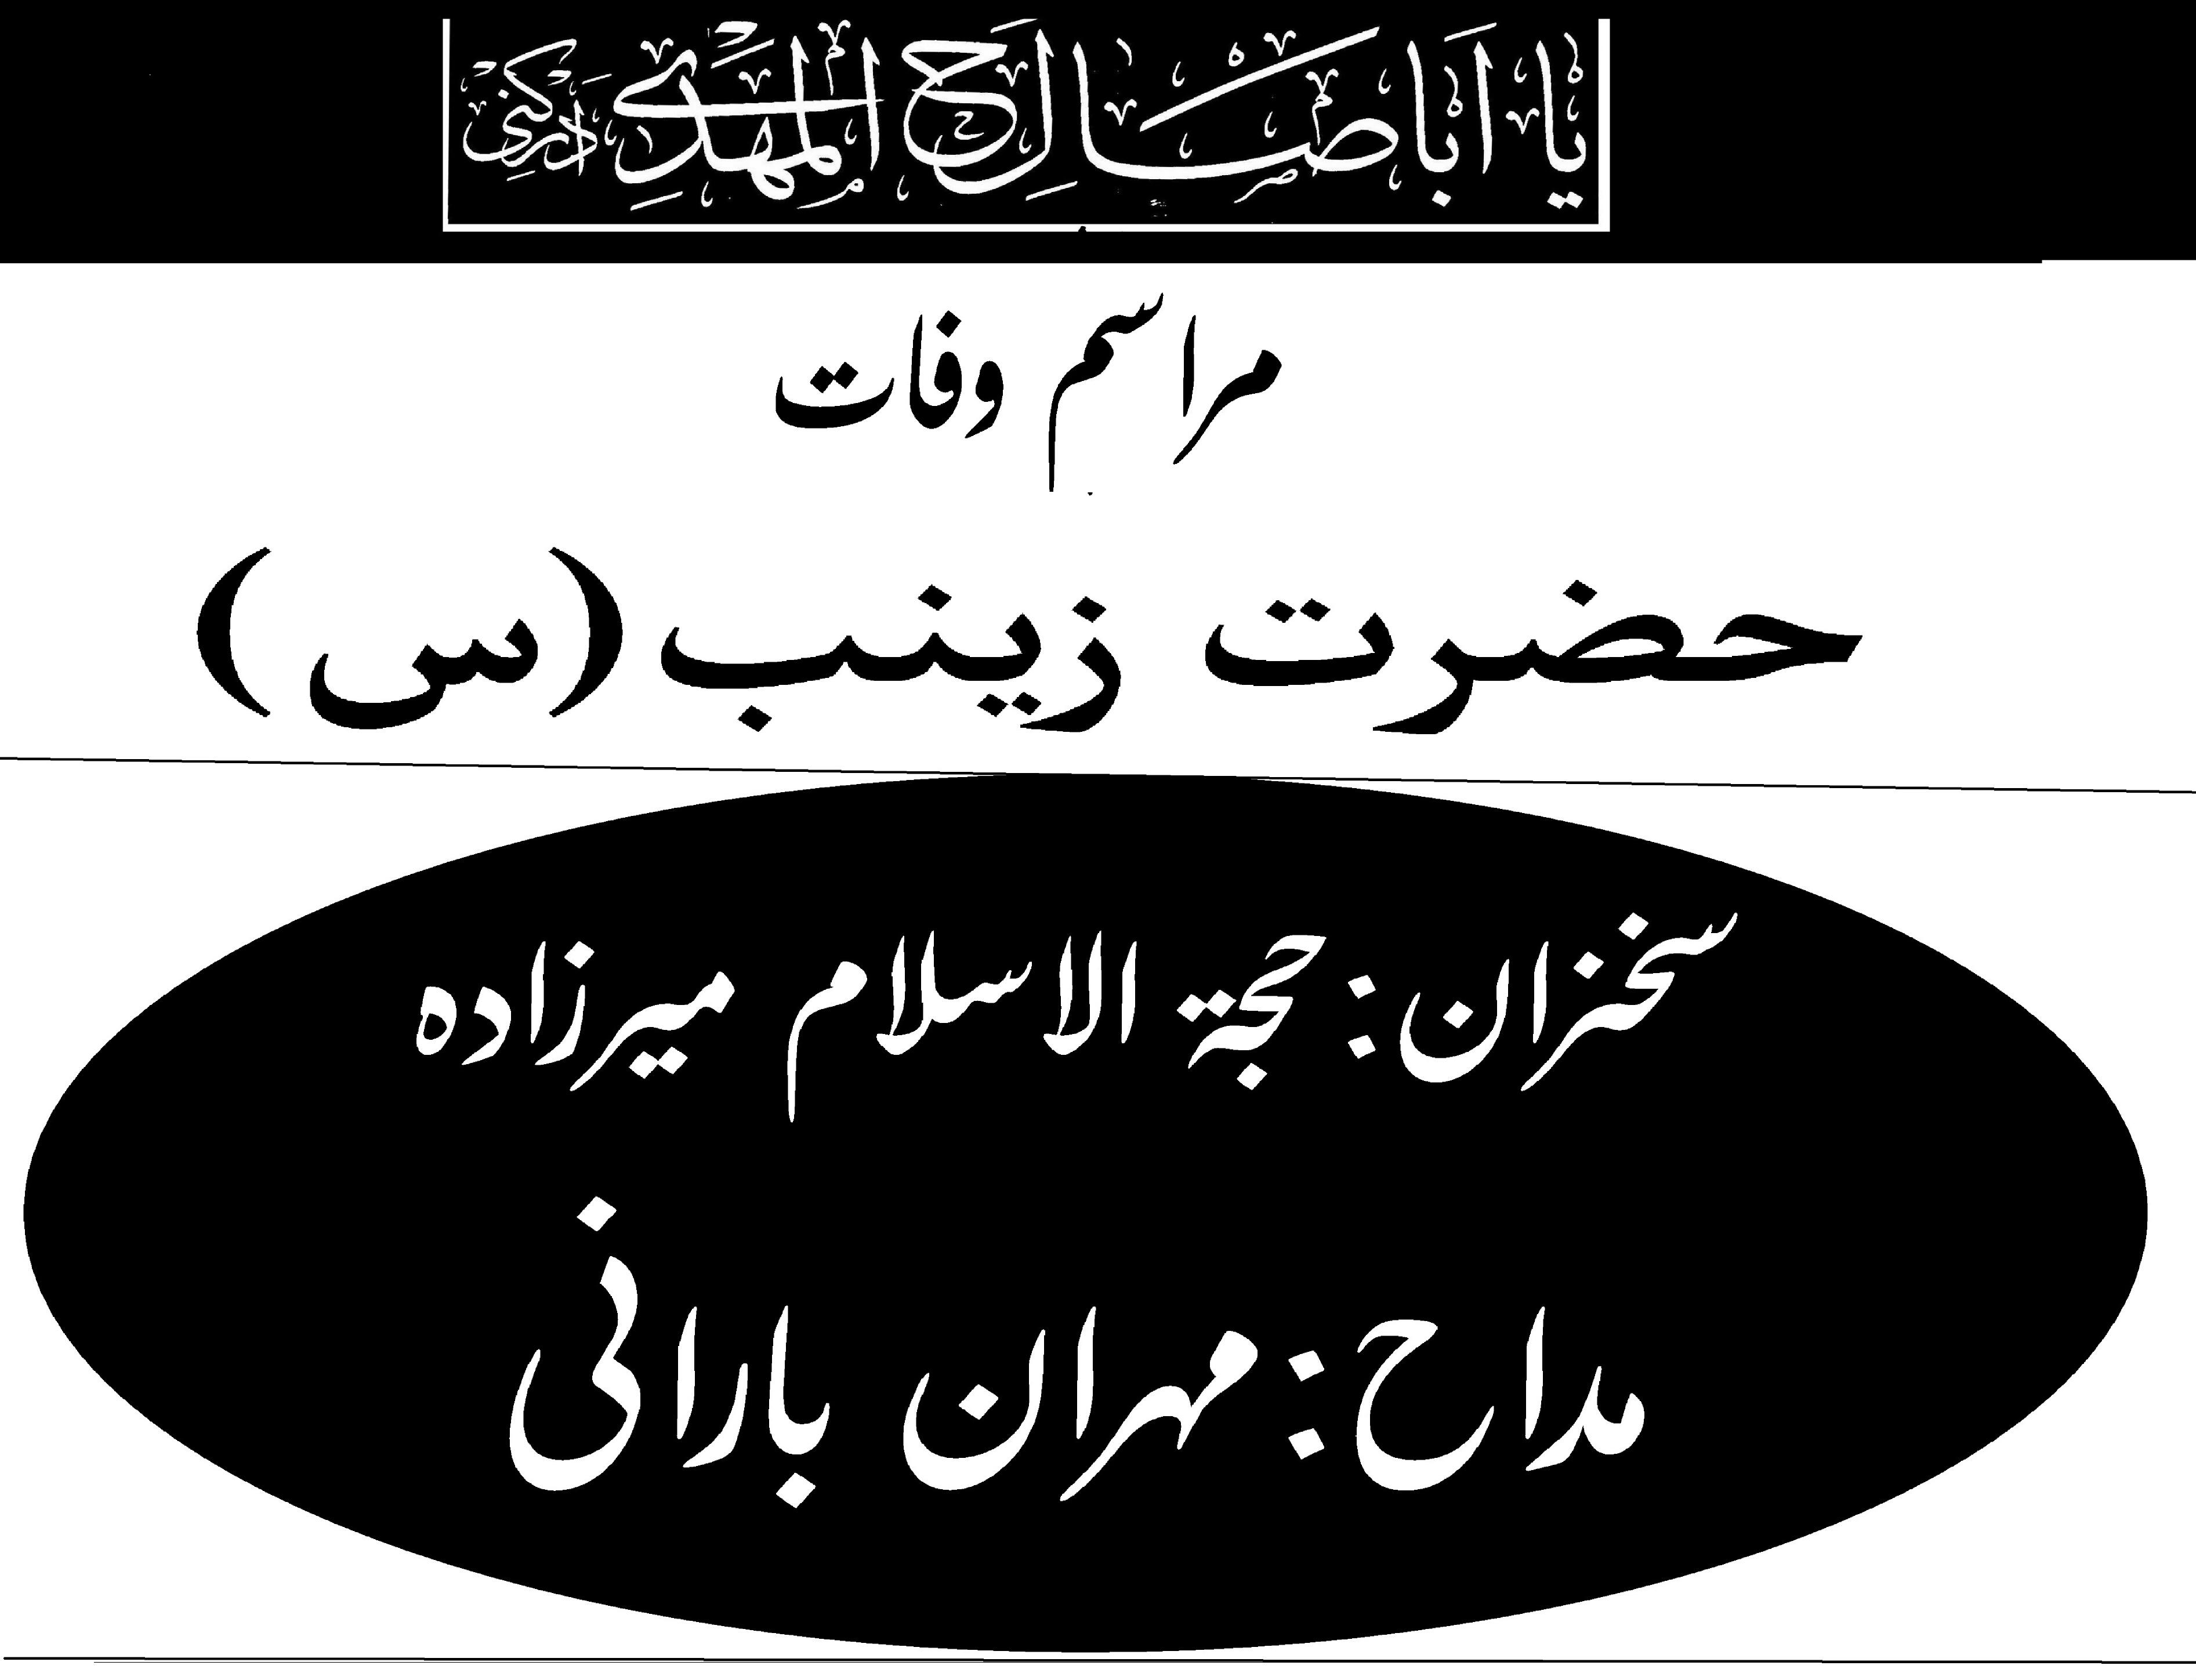 مراسم وفات حضرت زینب س در شهر بخش بروات با مداحی مهران بارانی